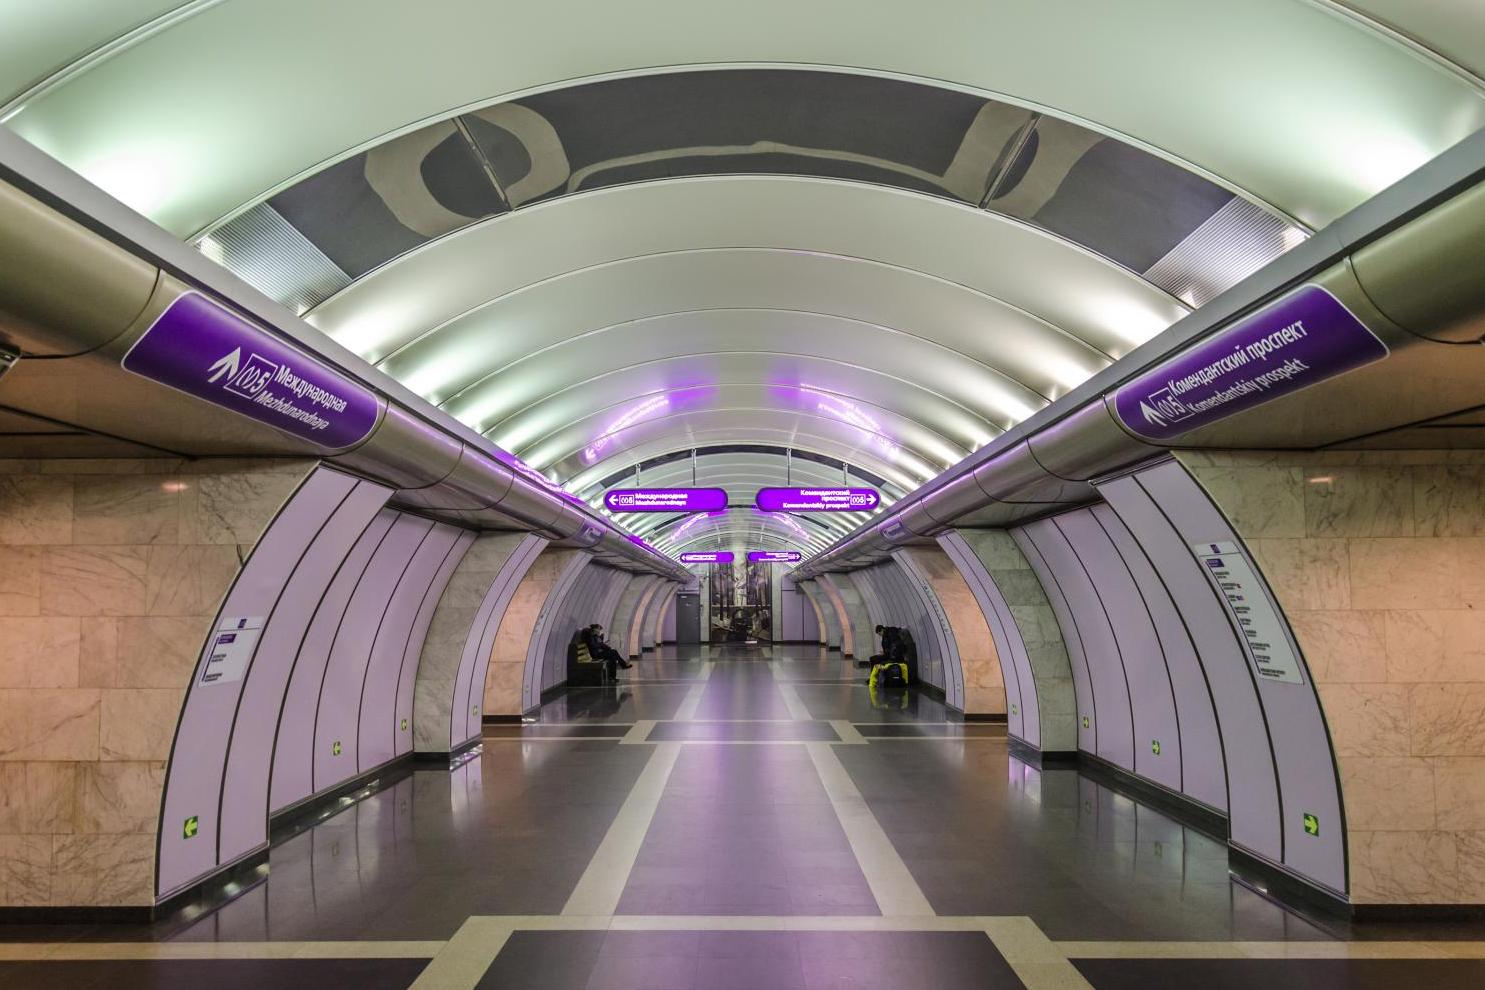 В метрополитене Санкт-Петербурга появилась бесплатная Wi-Fi-сеть